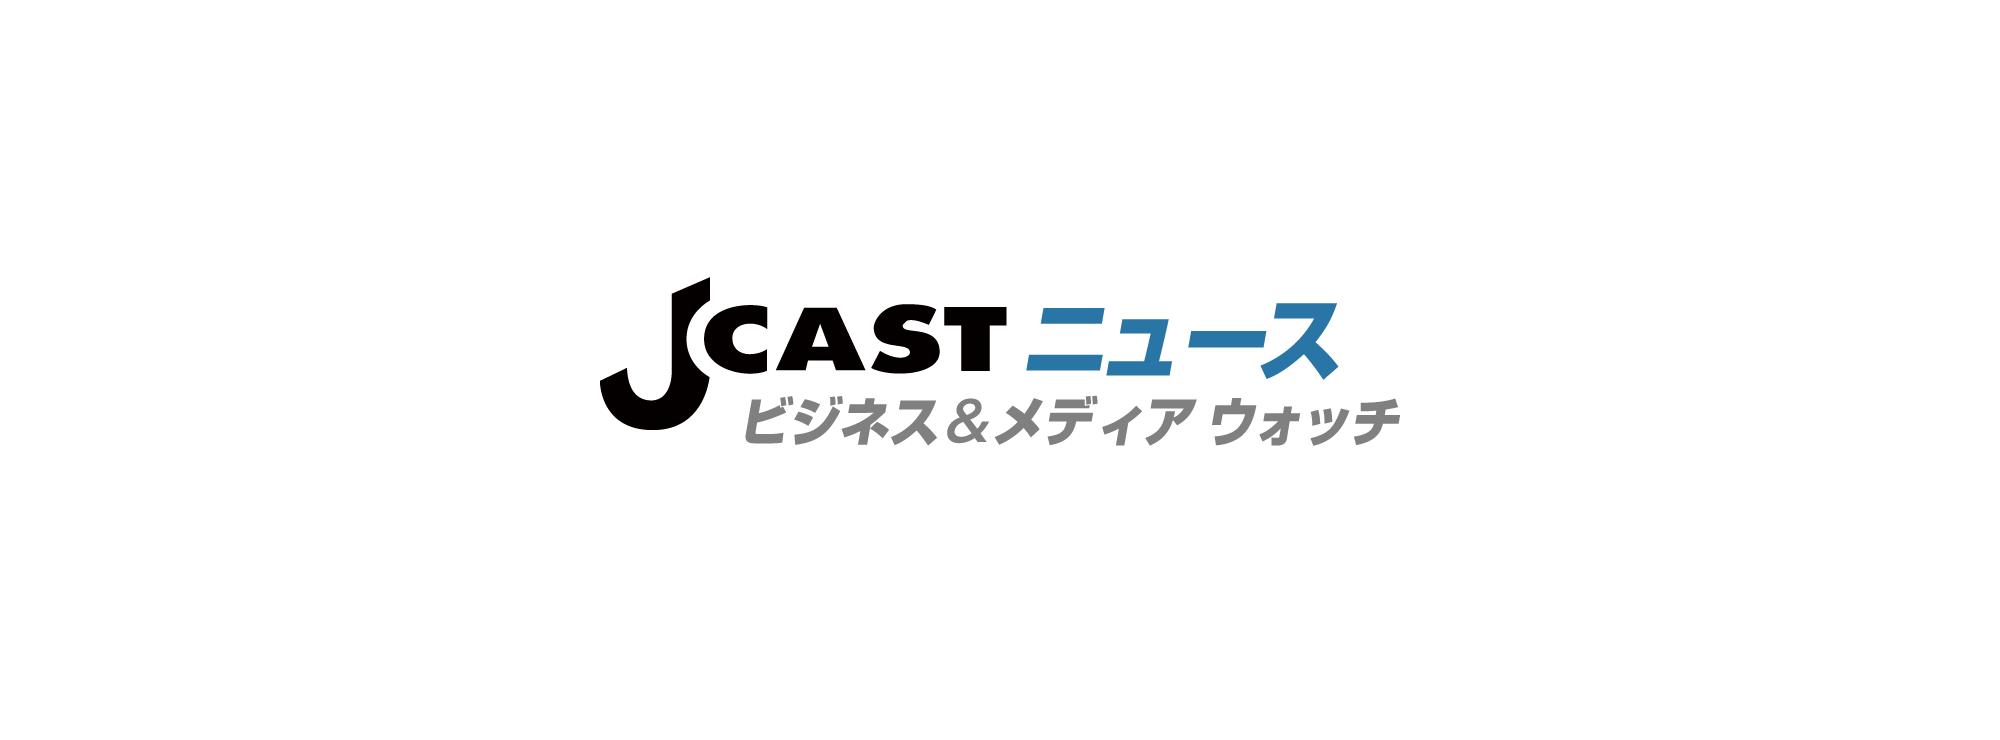 全文表示 | JCBが契約解除  「ホメオパシー商品」クレジットカードが使えない : J-CASTニュース